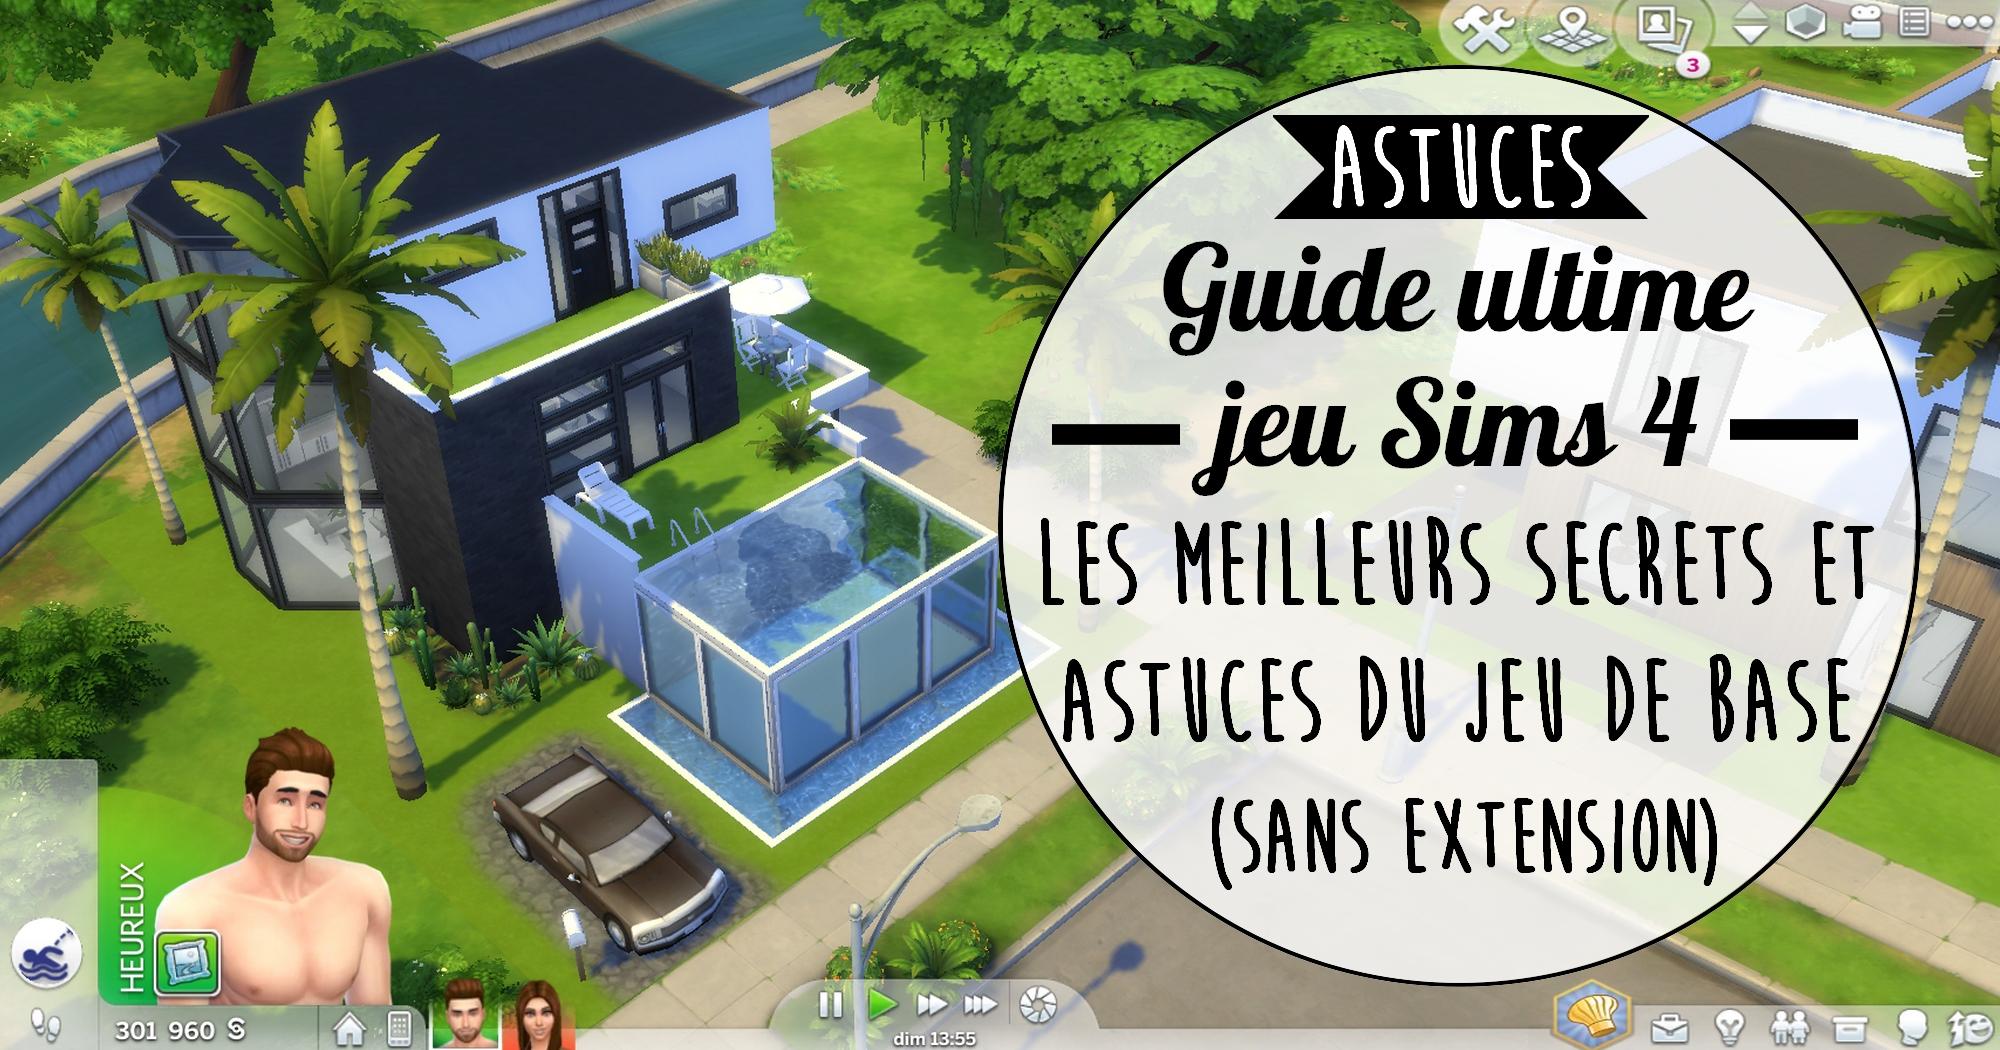 Guide ultime Sims 4 : les meilleurs secrets et astuces sans extension (jeu de base)